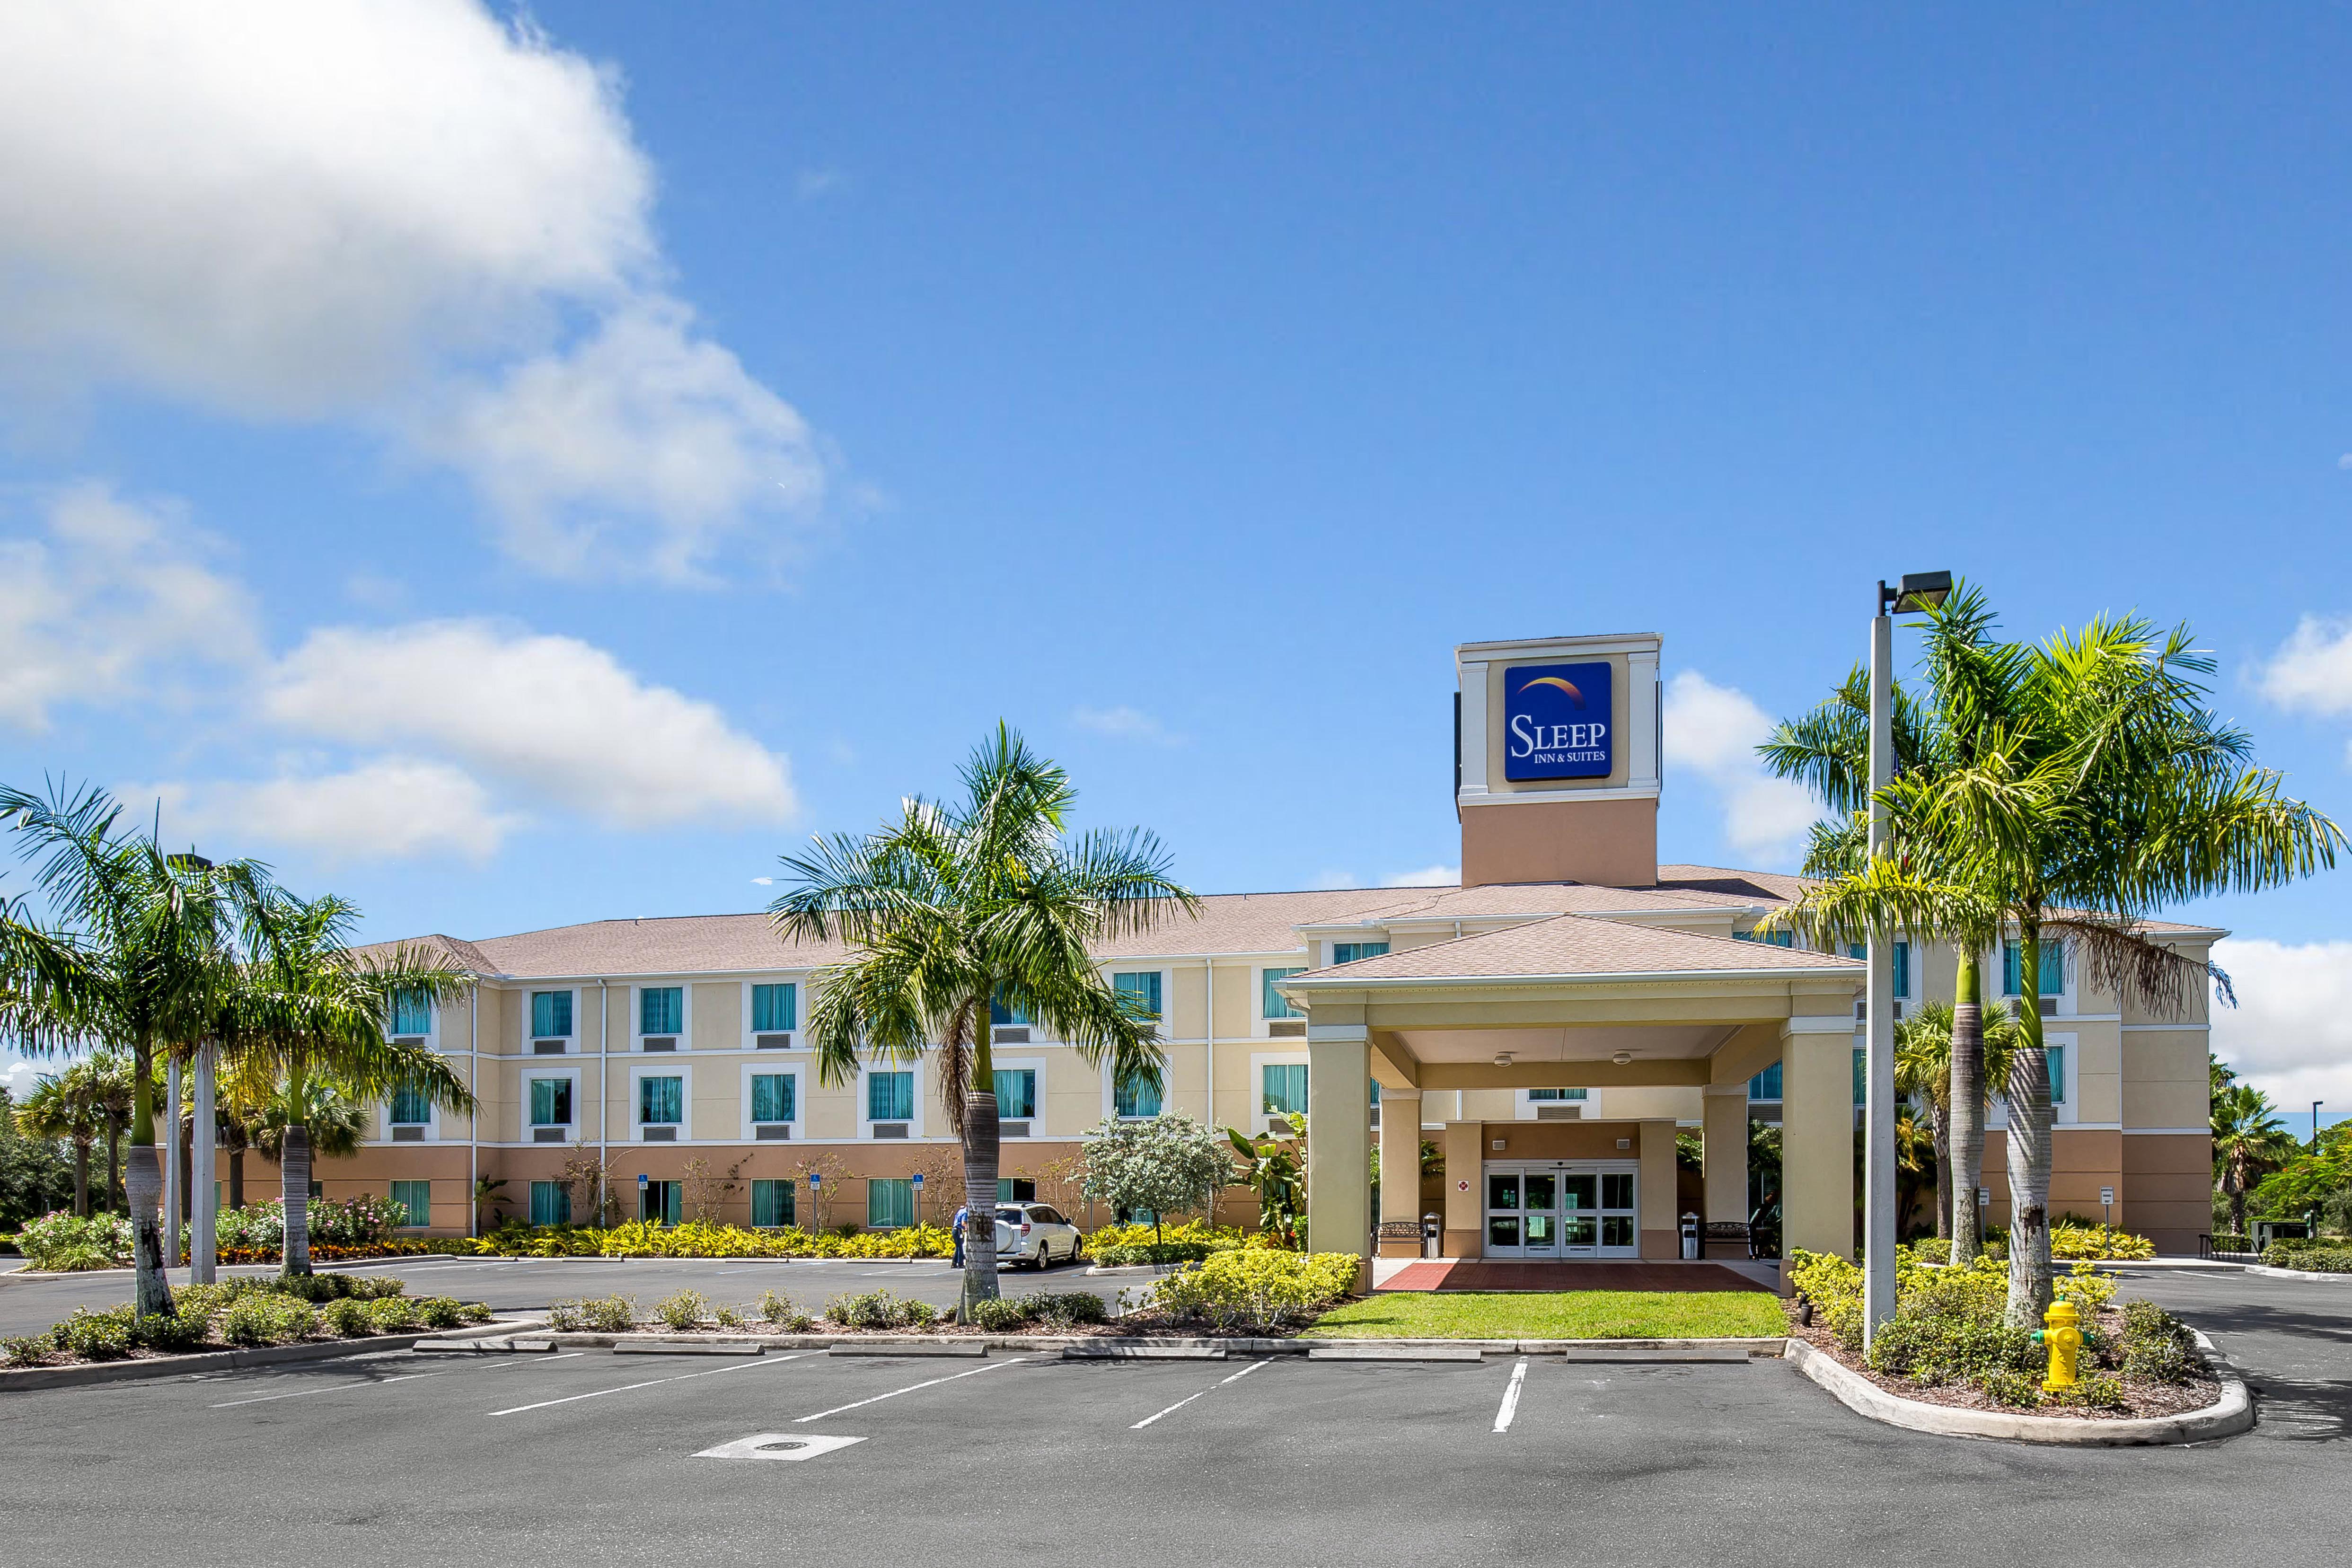 Sleep Inn Port Charlotte, FL - Port Charlotte, FL 33980 - (941)613-6300   ShowMeLocal.com